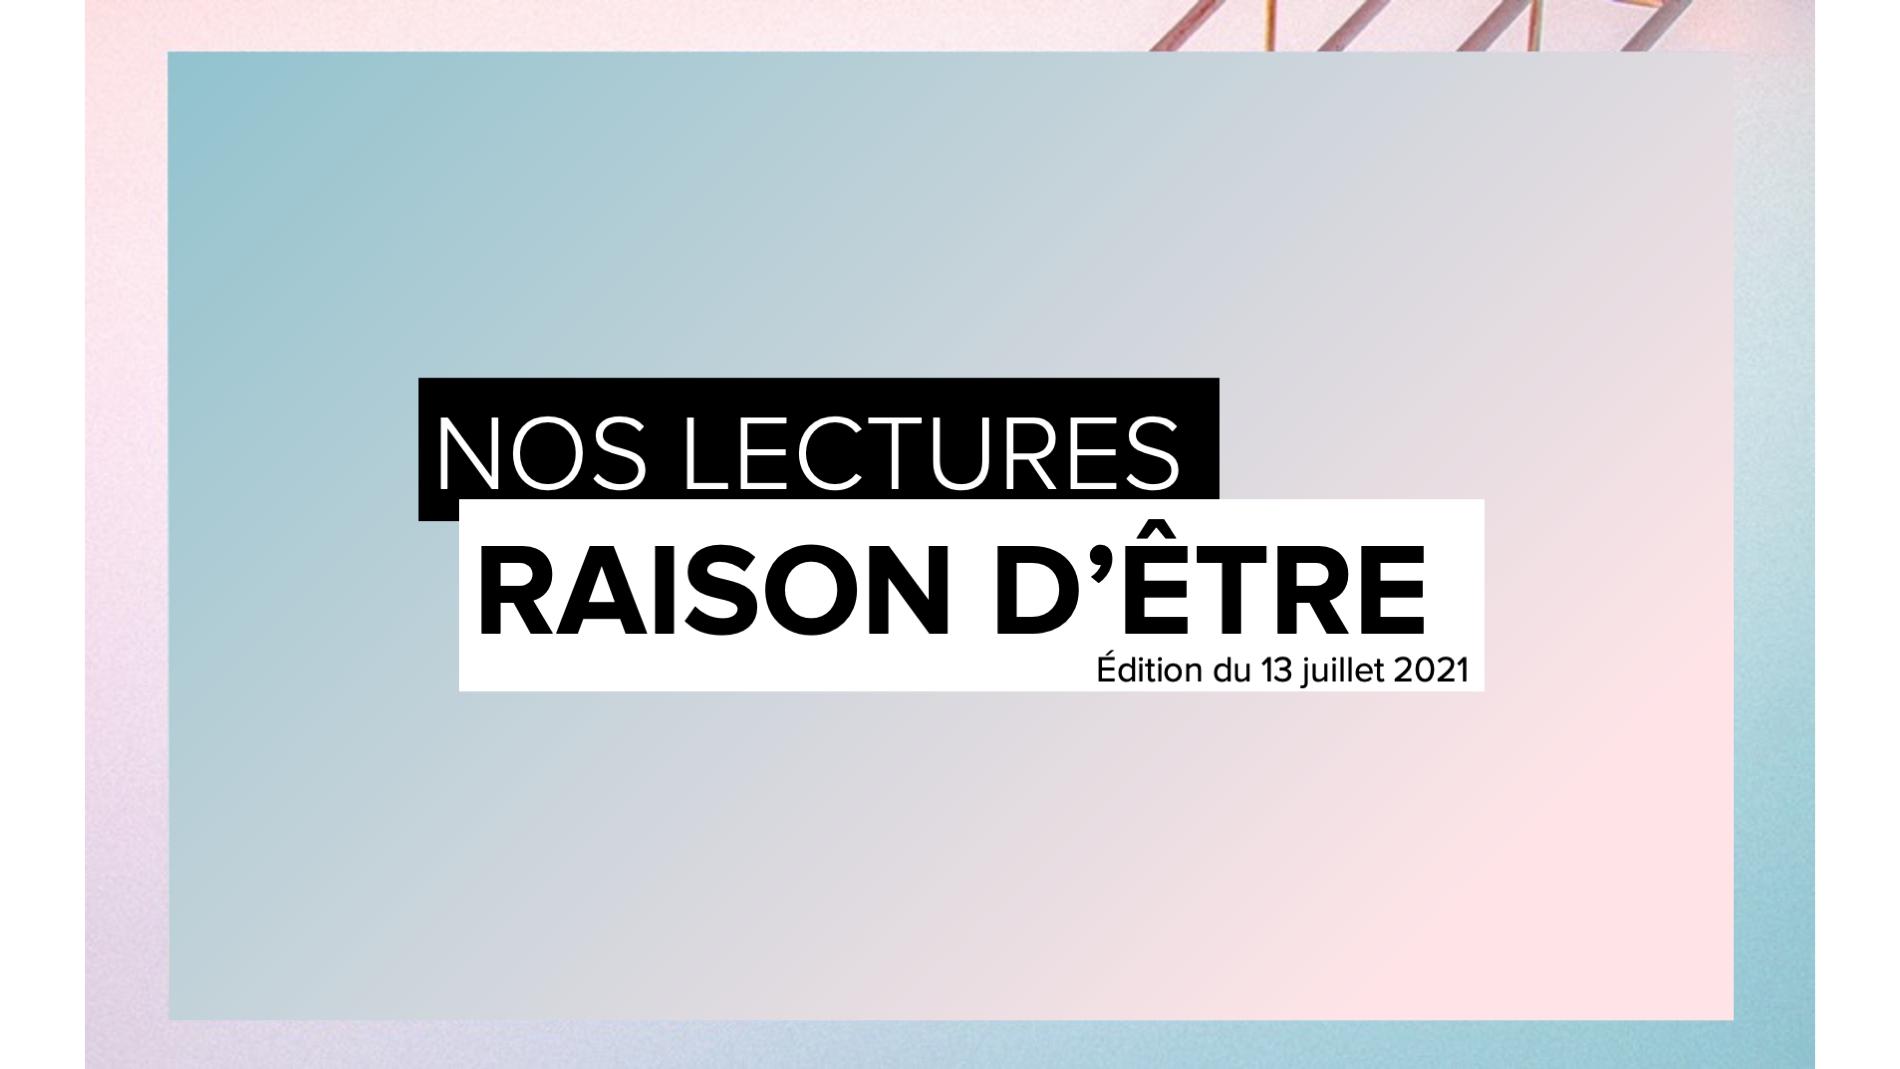 Lectures Raison d'être : histoire de la contribution des entreprises, La Banque Postale et Philip Morris France